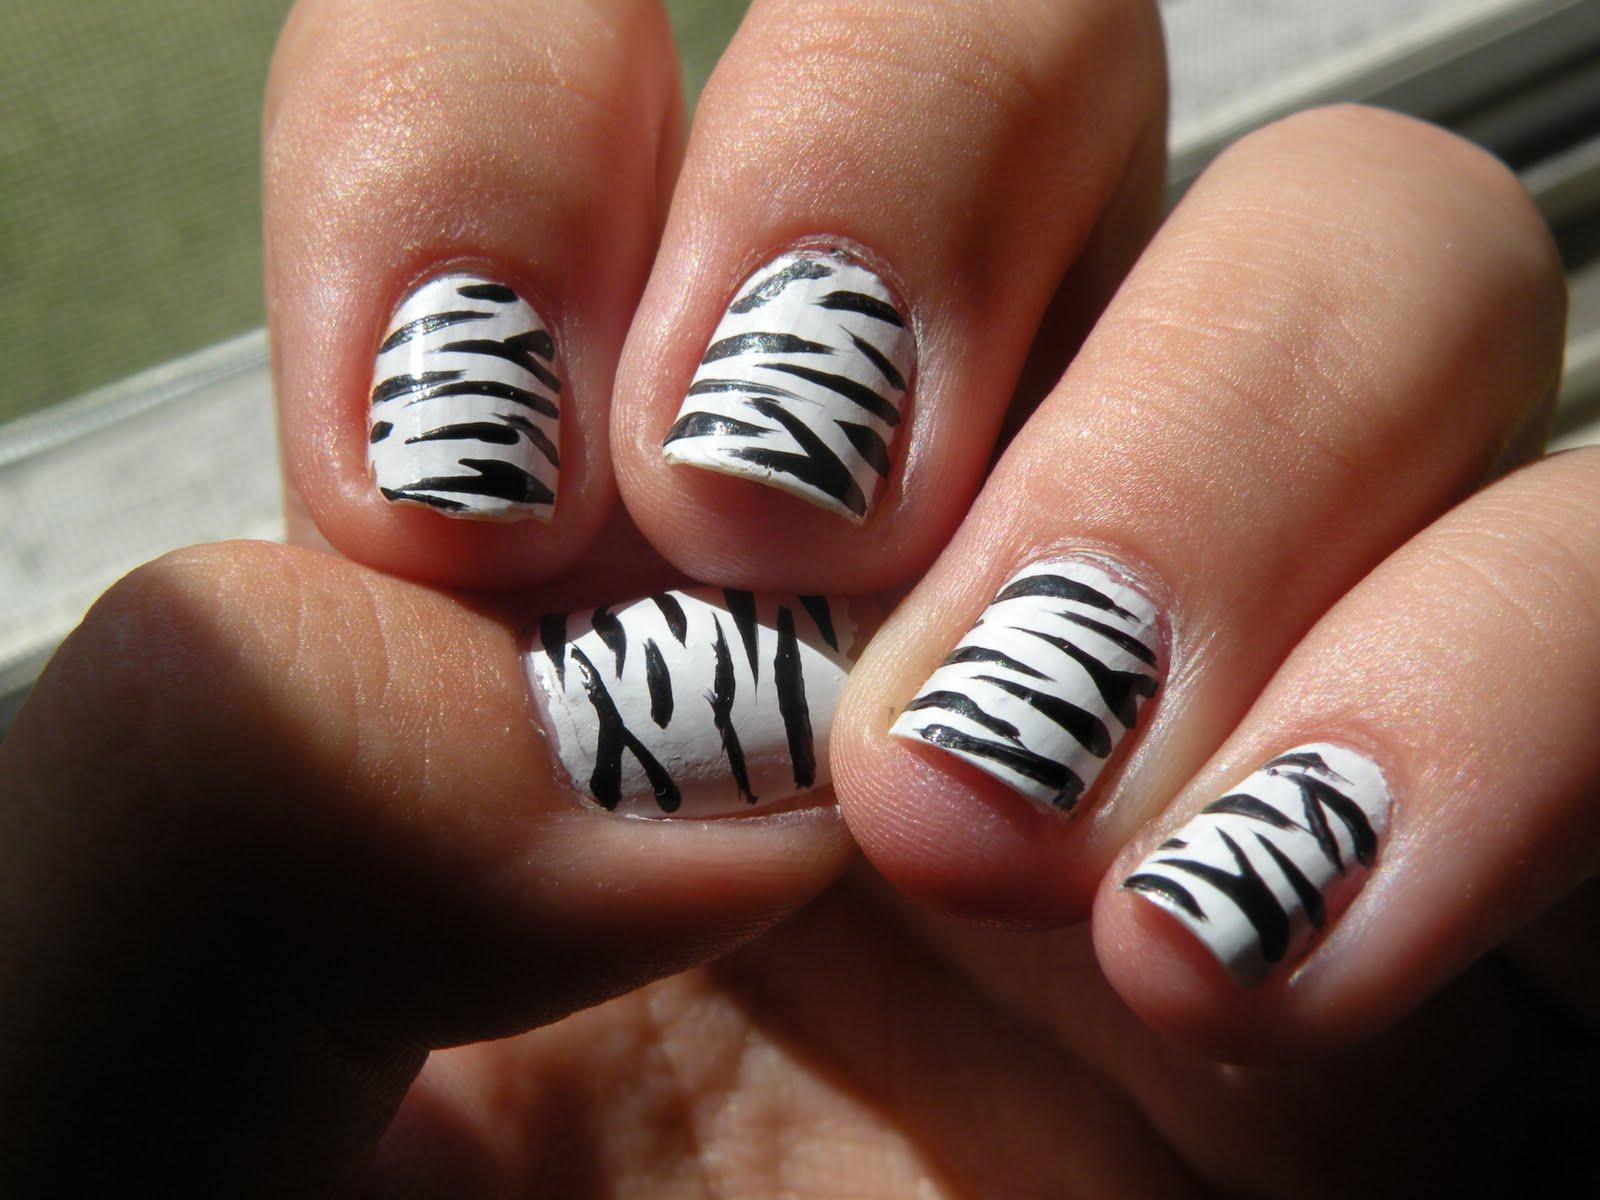 Laura39;s Nail Art: animal print nails. - Nail Art Design Ideas ...